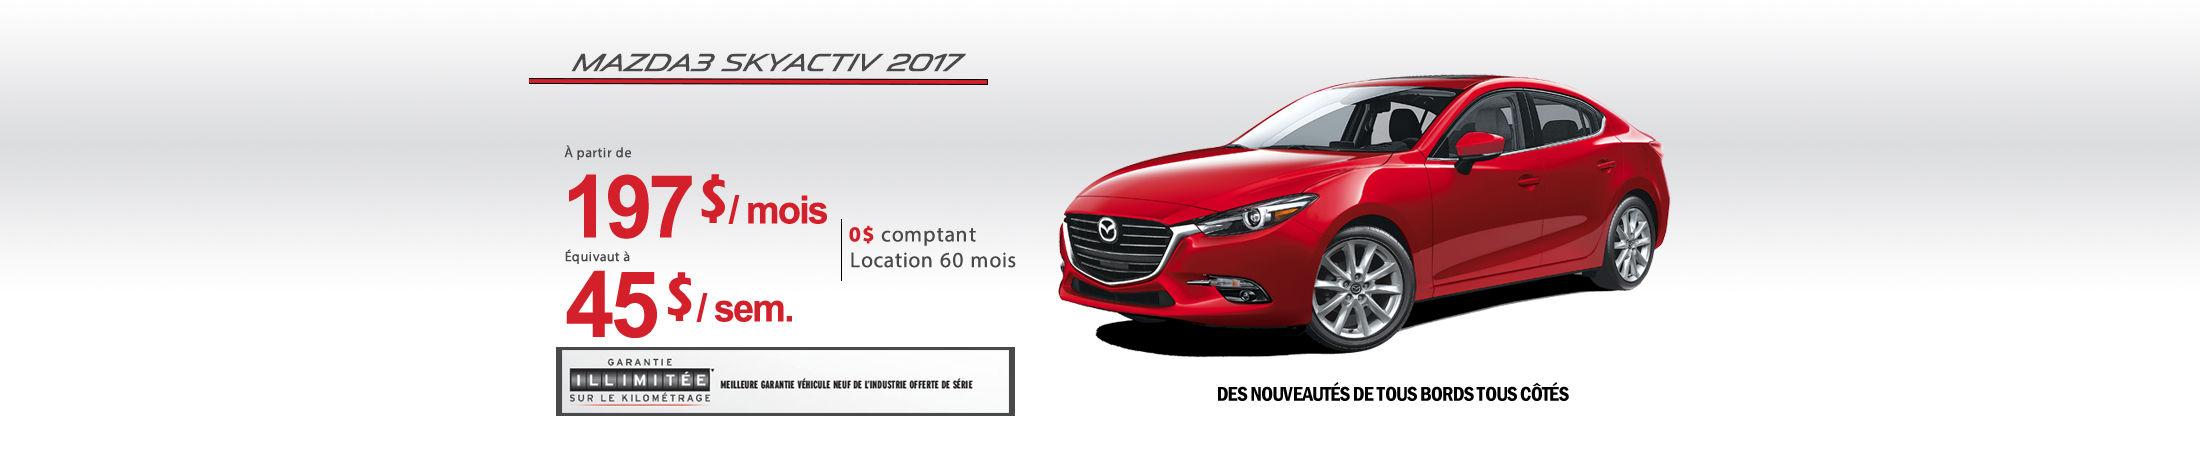 Mazda3 2017 Banniere